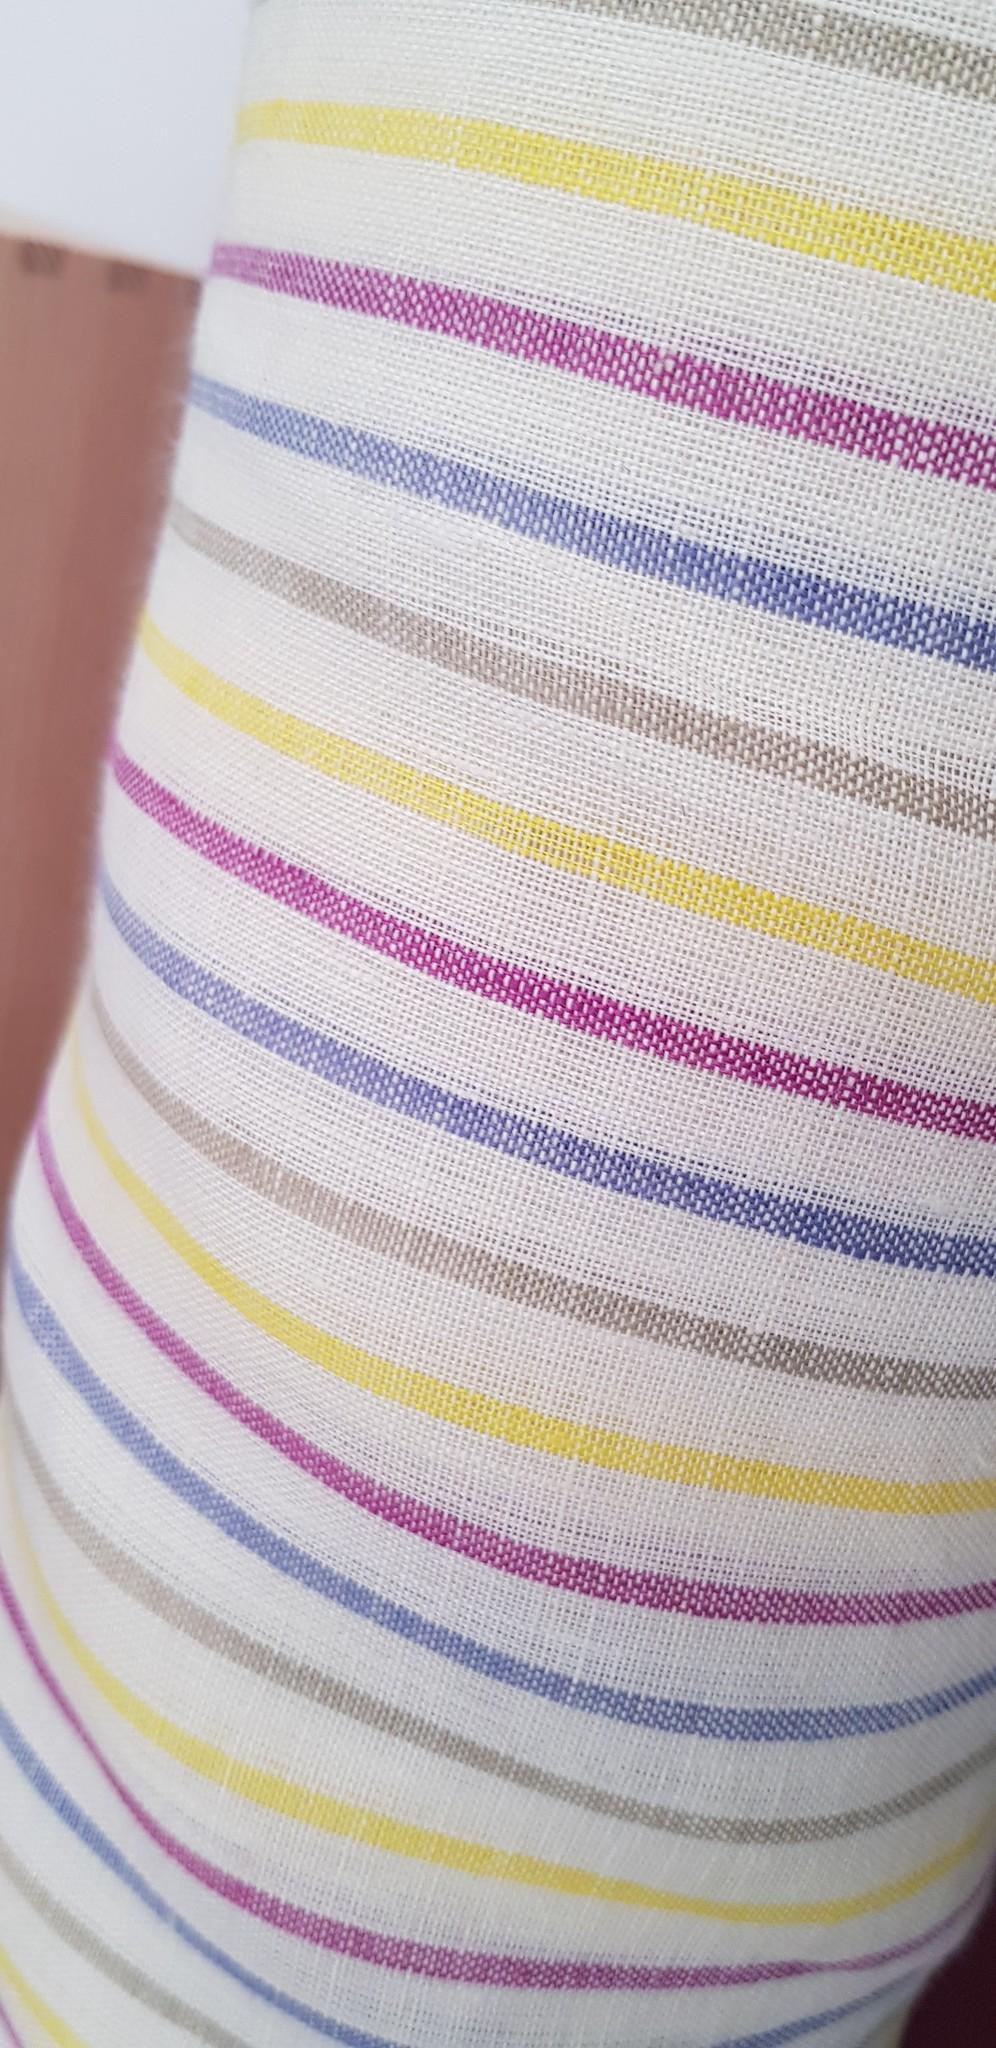 flips ans dobbels Gestreepte gekleurde stof voor kleding